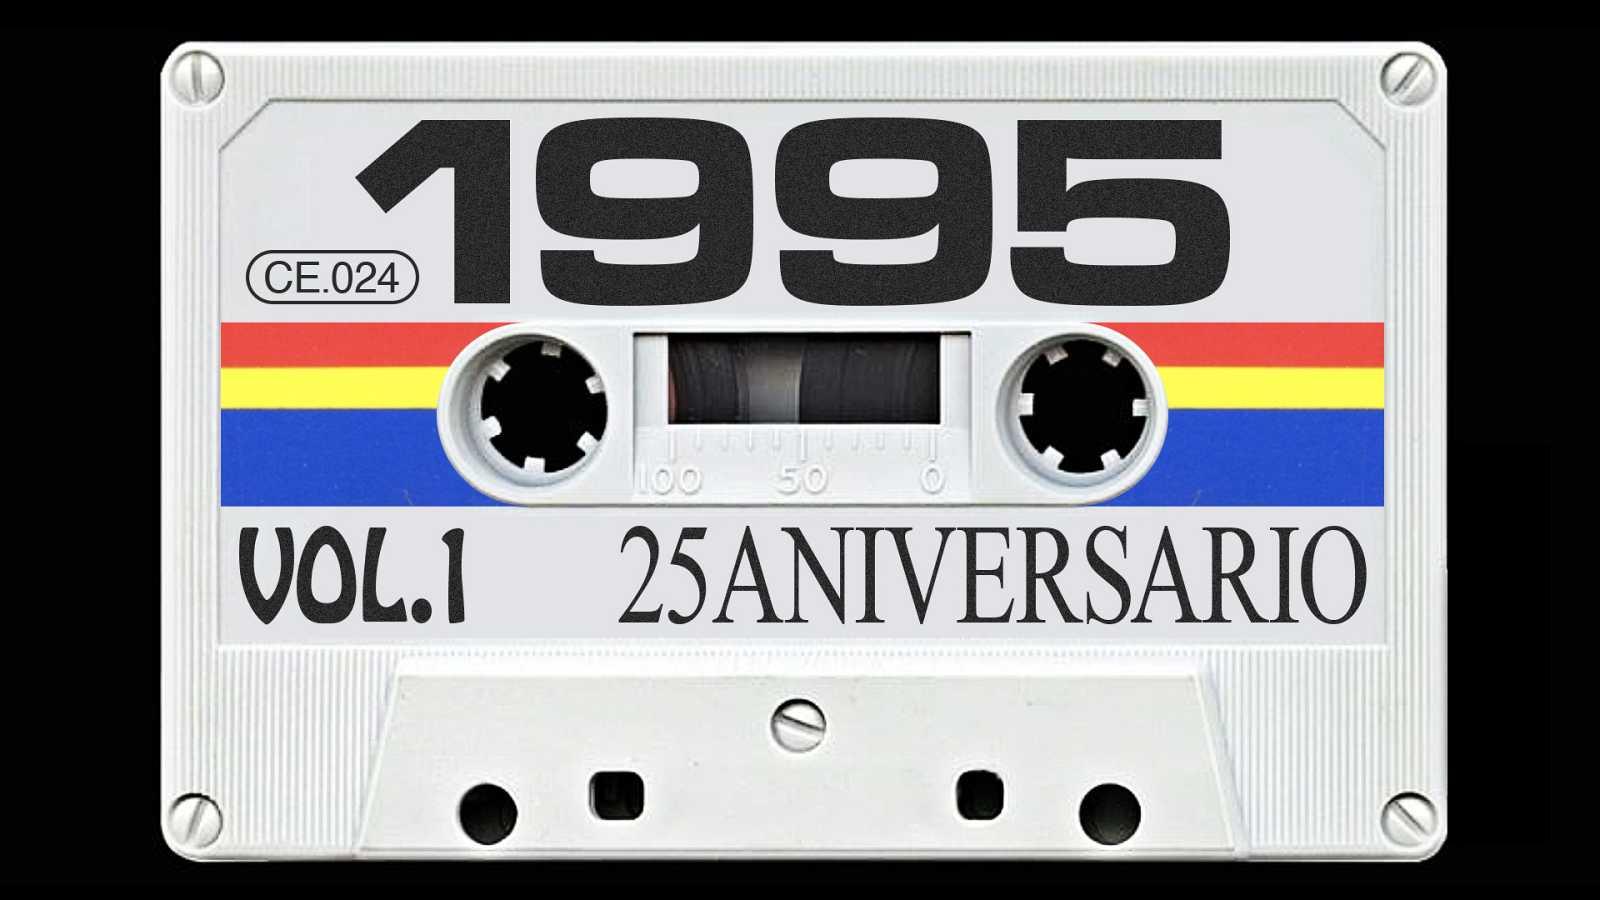 Círculo excéntricos - Discos de 1995 (Vol.1) - 16/08/20 - escuchar ahora